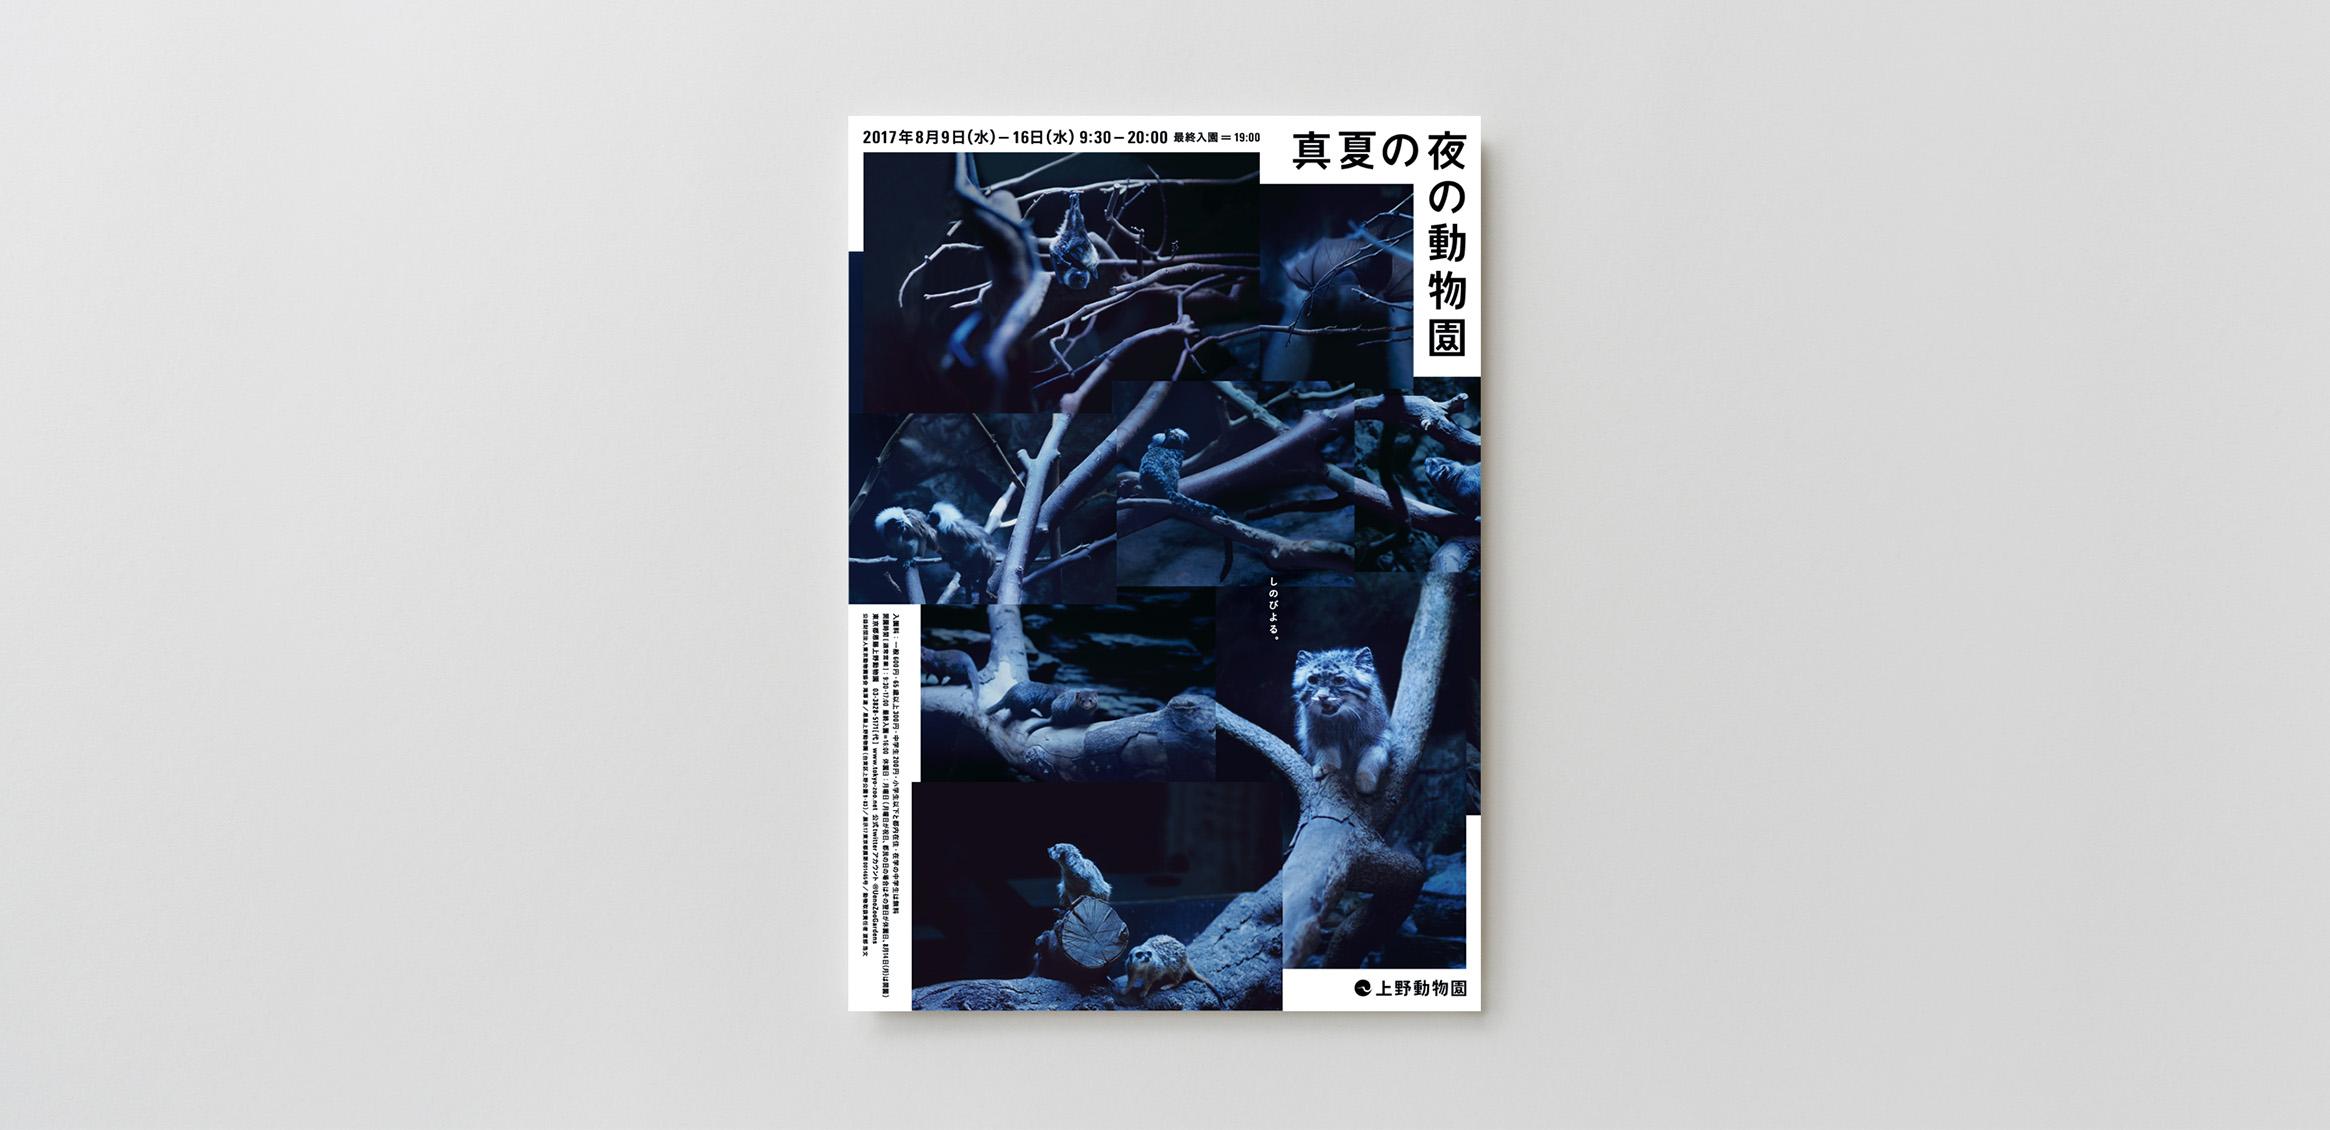 真夏の夜の動物園 20172枚目